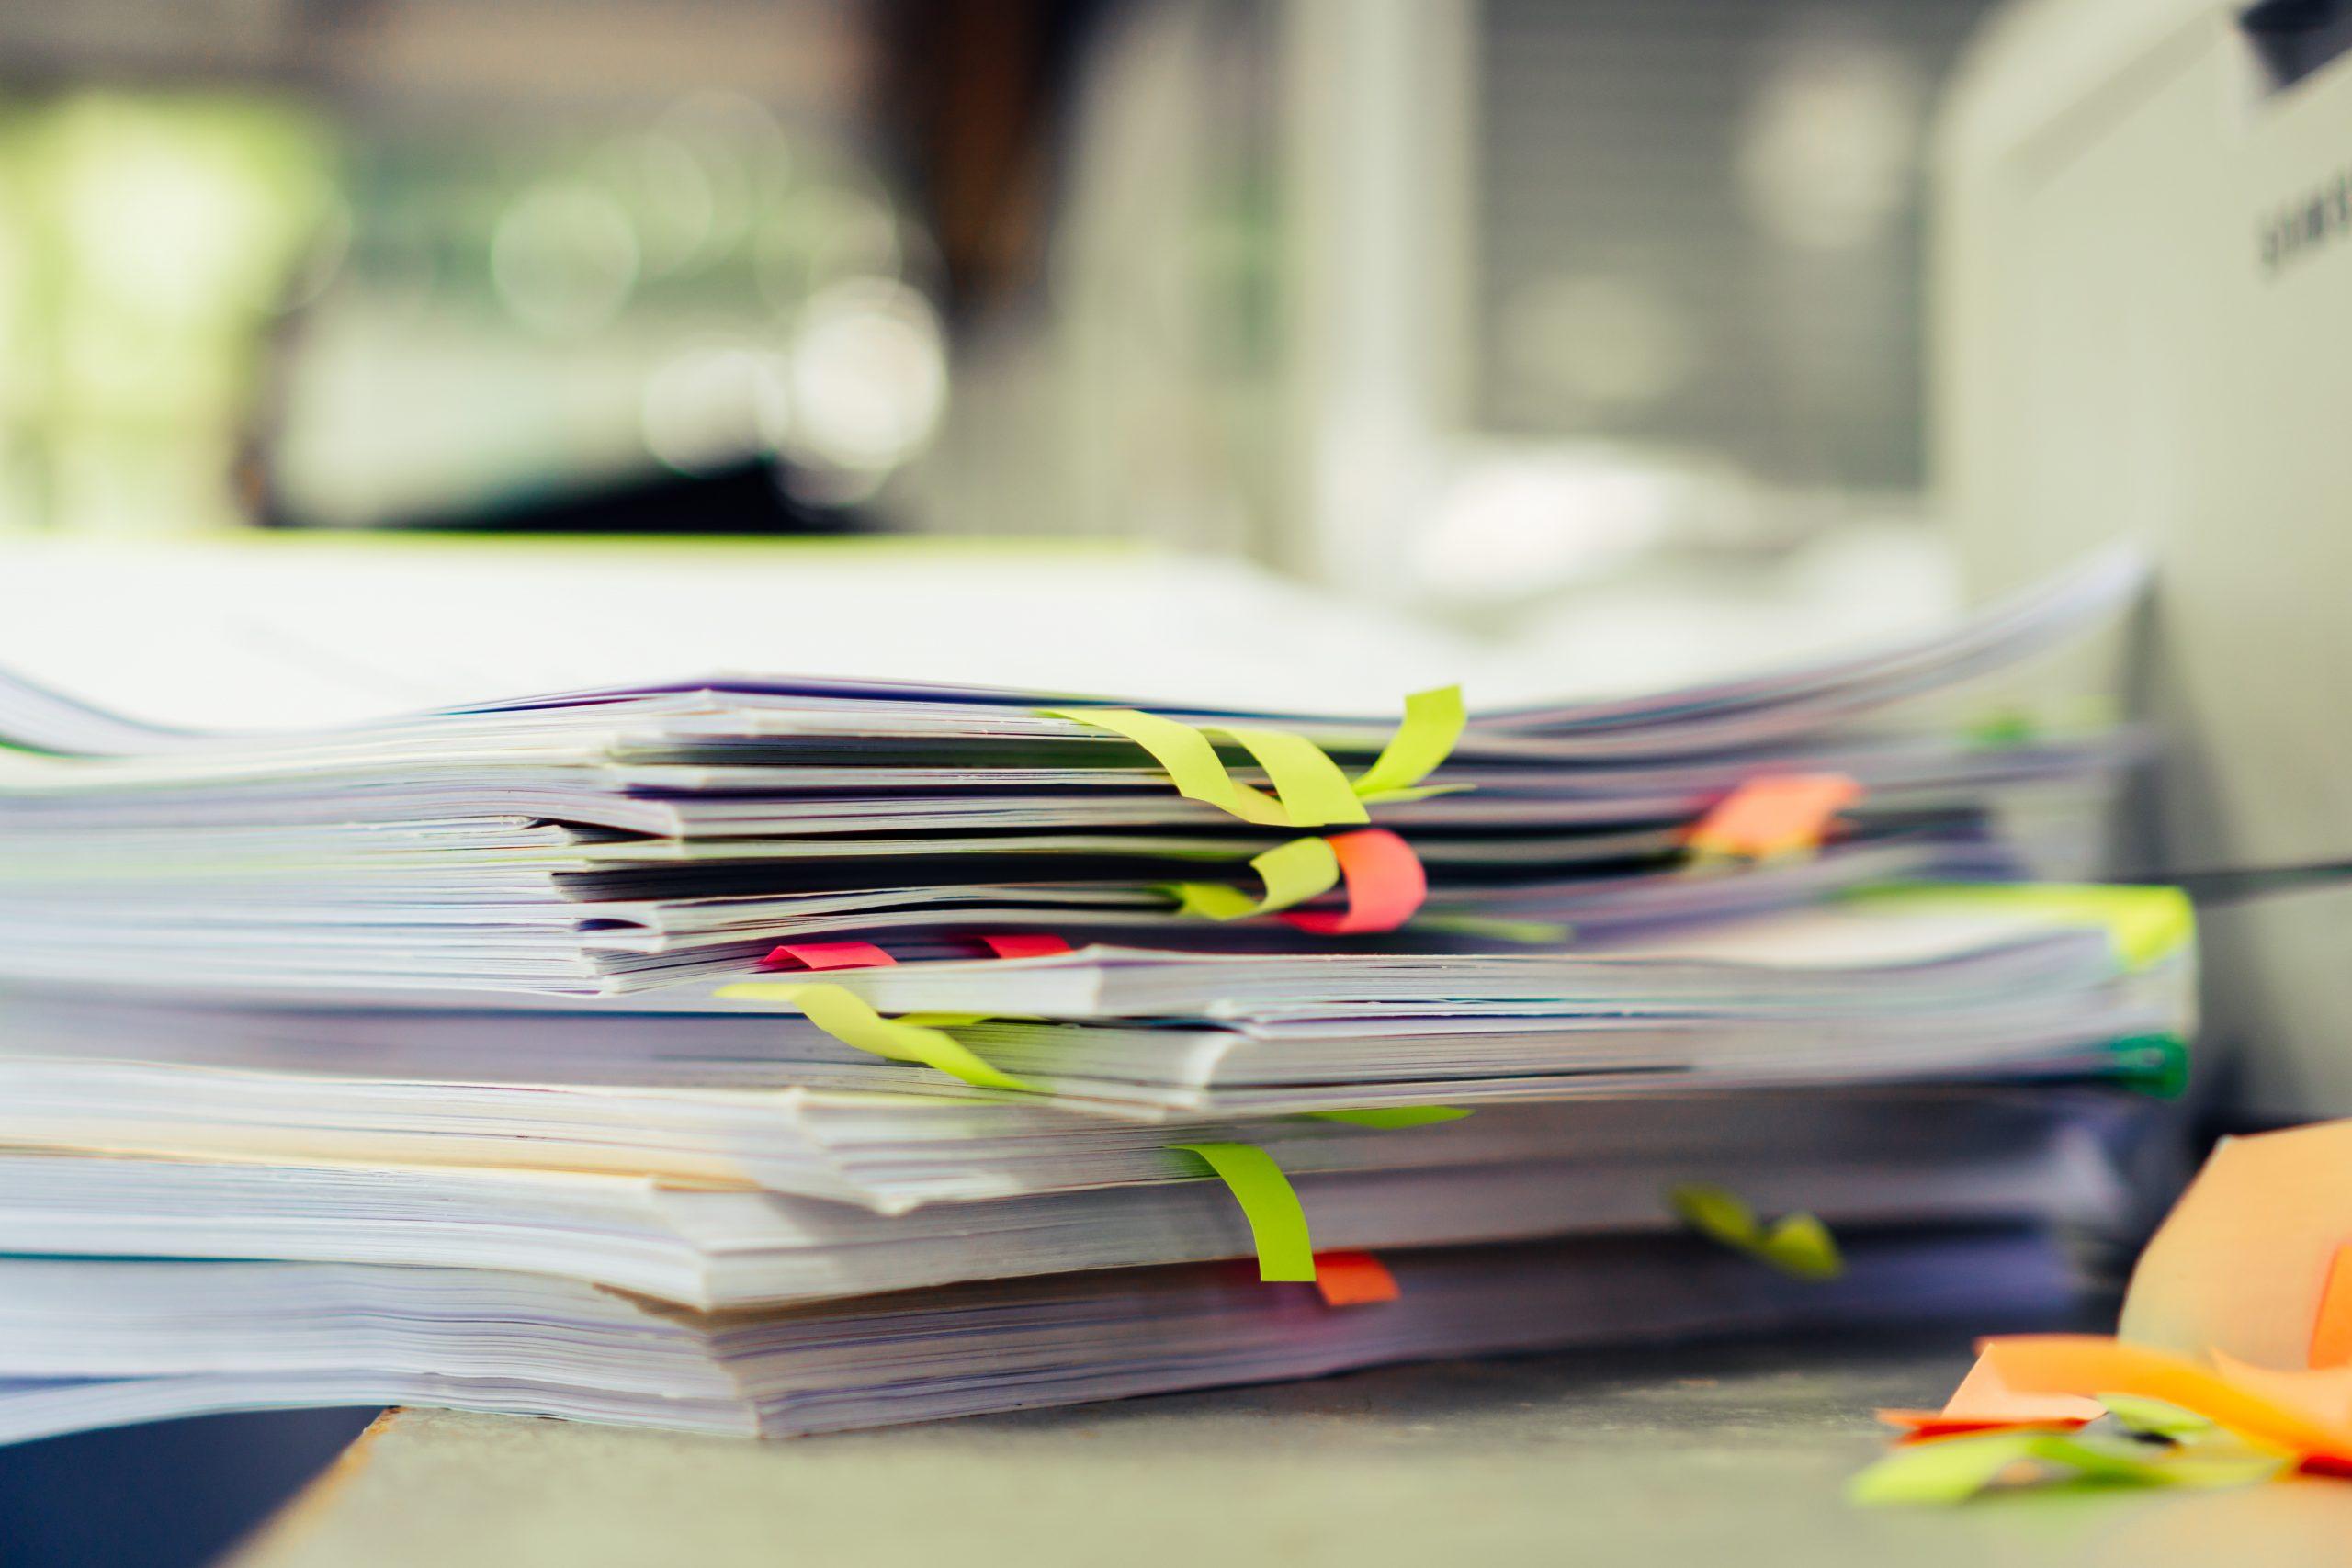 Papierloses Büro drehmoment Blog